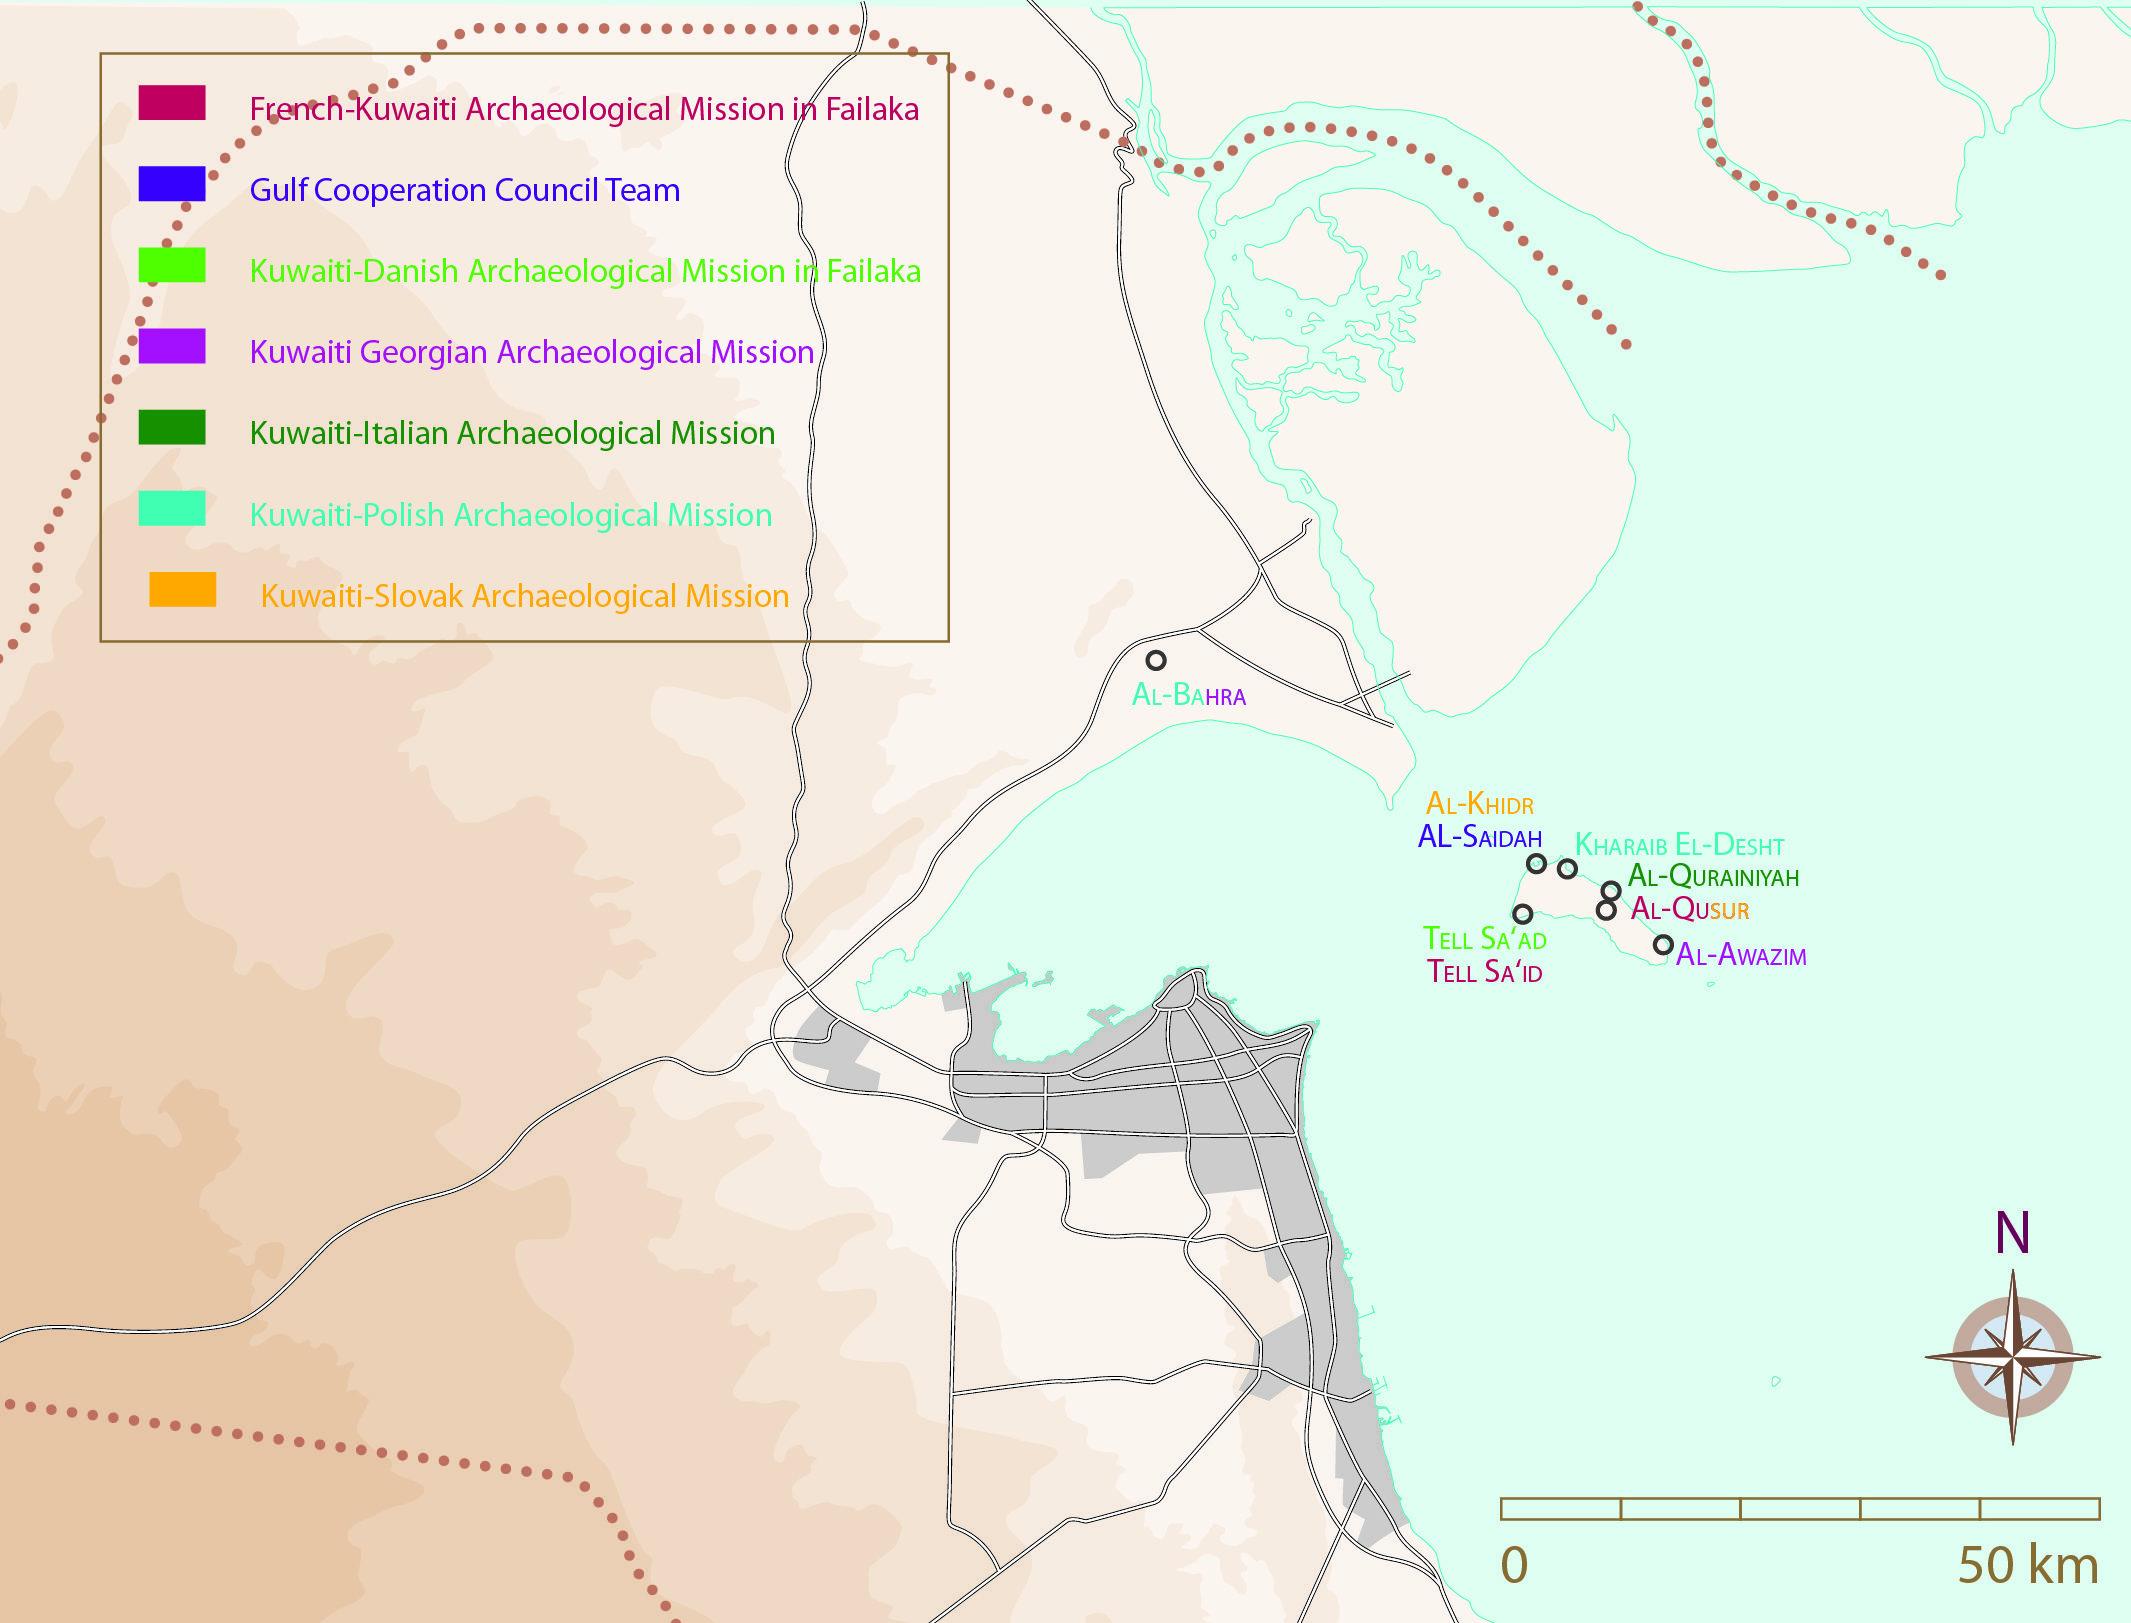 Fig. 2 : Carte figurant les sites fouillés au Koweït par des missions archéologiques conduites en collaboration avec des institutions extérieures (d'après H. David-Cuny).